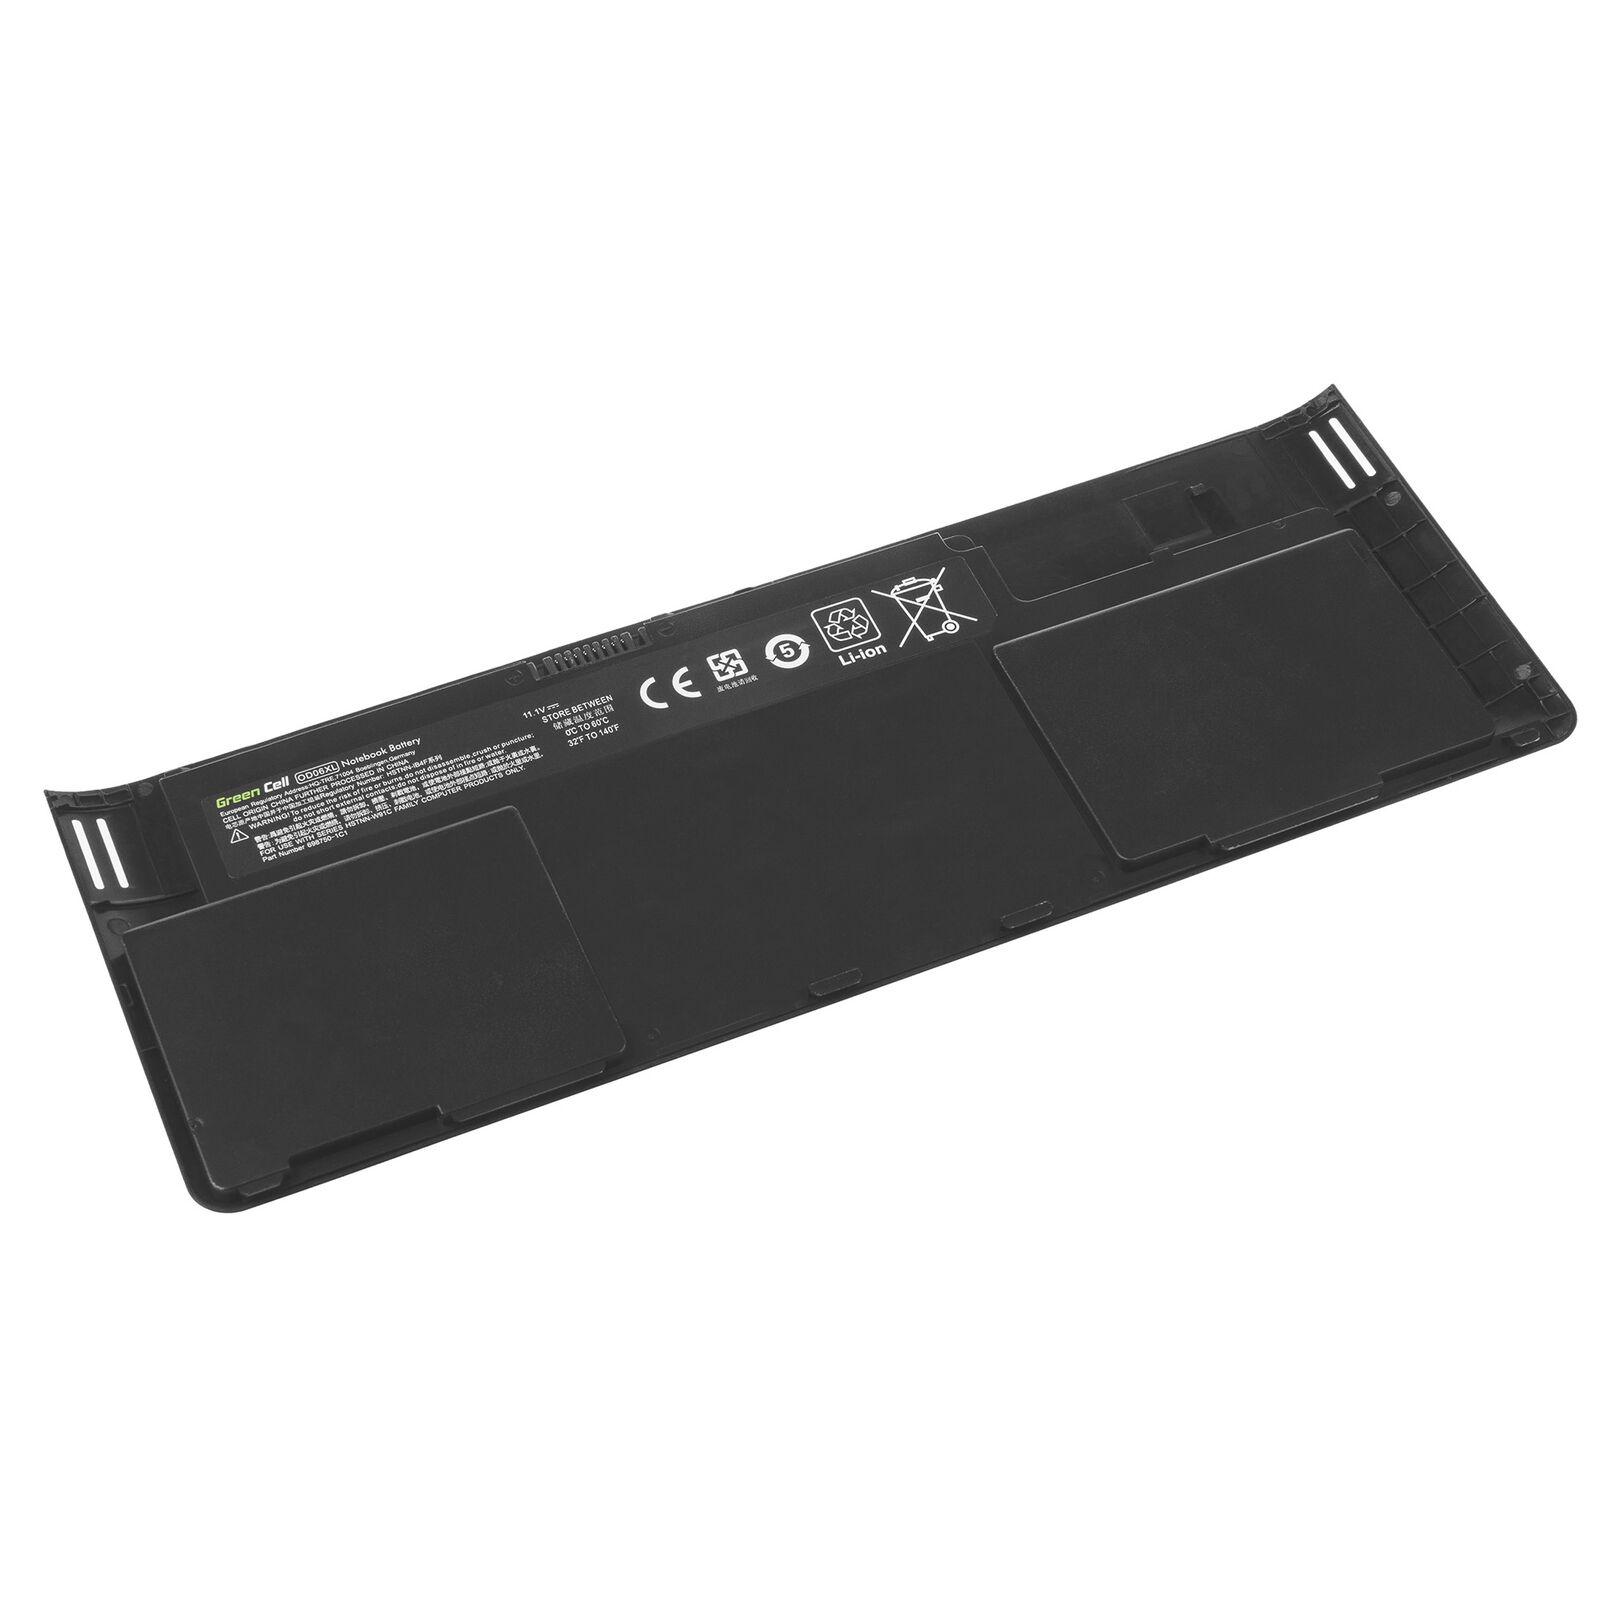 HP 0DO6XL 698750-171 698750-1C1 698943-001 OD06XL ODO6XL batteria compatibile